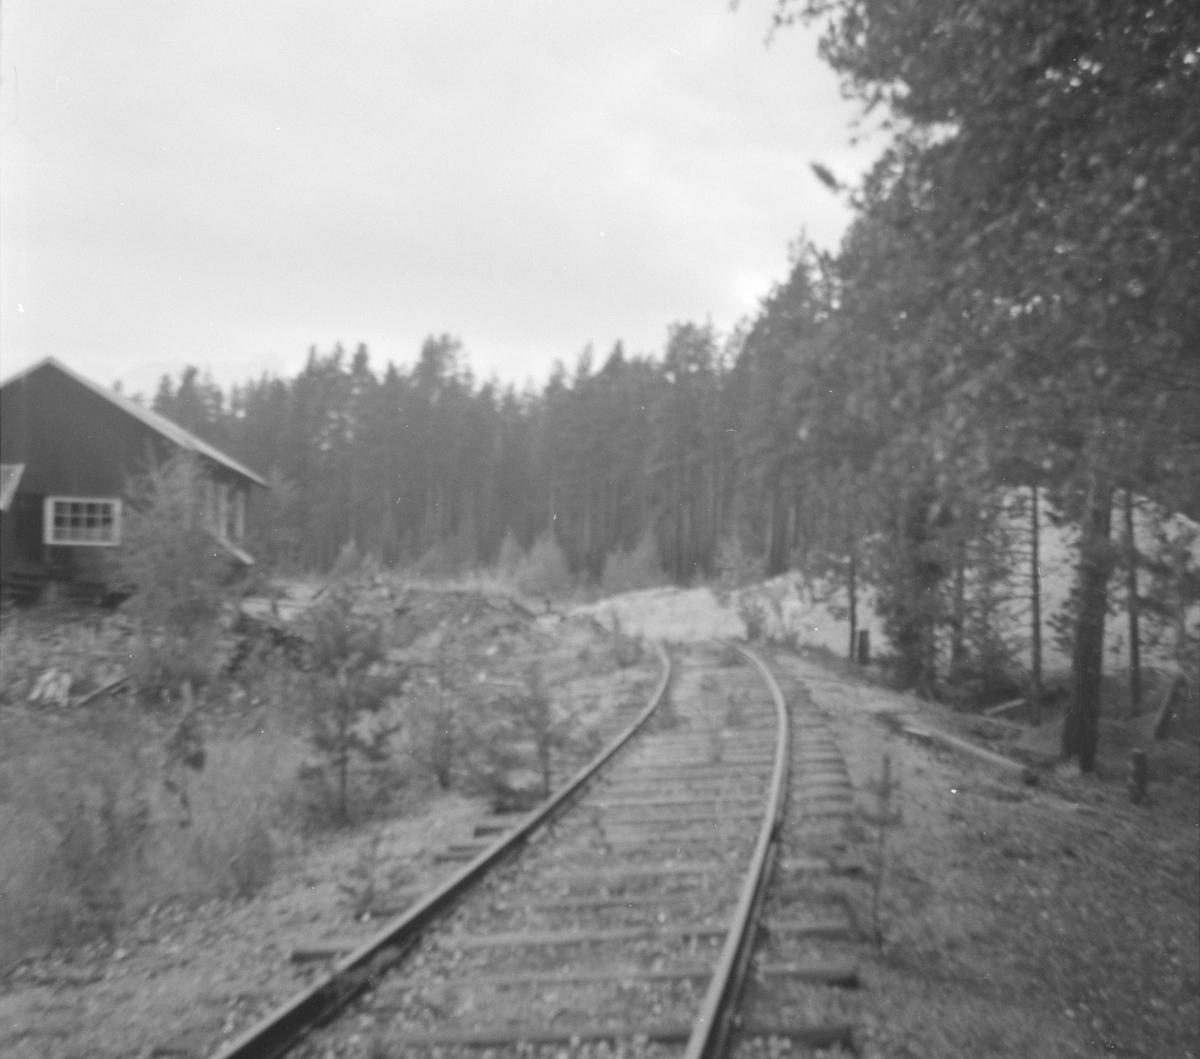 """Sidespor som en gang i tiden gikk til Ramfoss tresliperi på Kløftefoss. I dag omtales det gjerne bare som """"Sagbrukssporet"""". I dag benevnes det spor 4 på Kløftefoss stasjon. Det er en del av dette sidesporet som ble spikret om til 1067 mm sporvidde for å ta i mot materiell fra Sulitjelmabanen."""